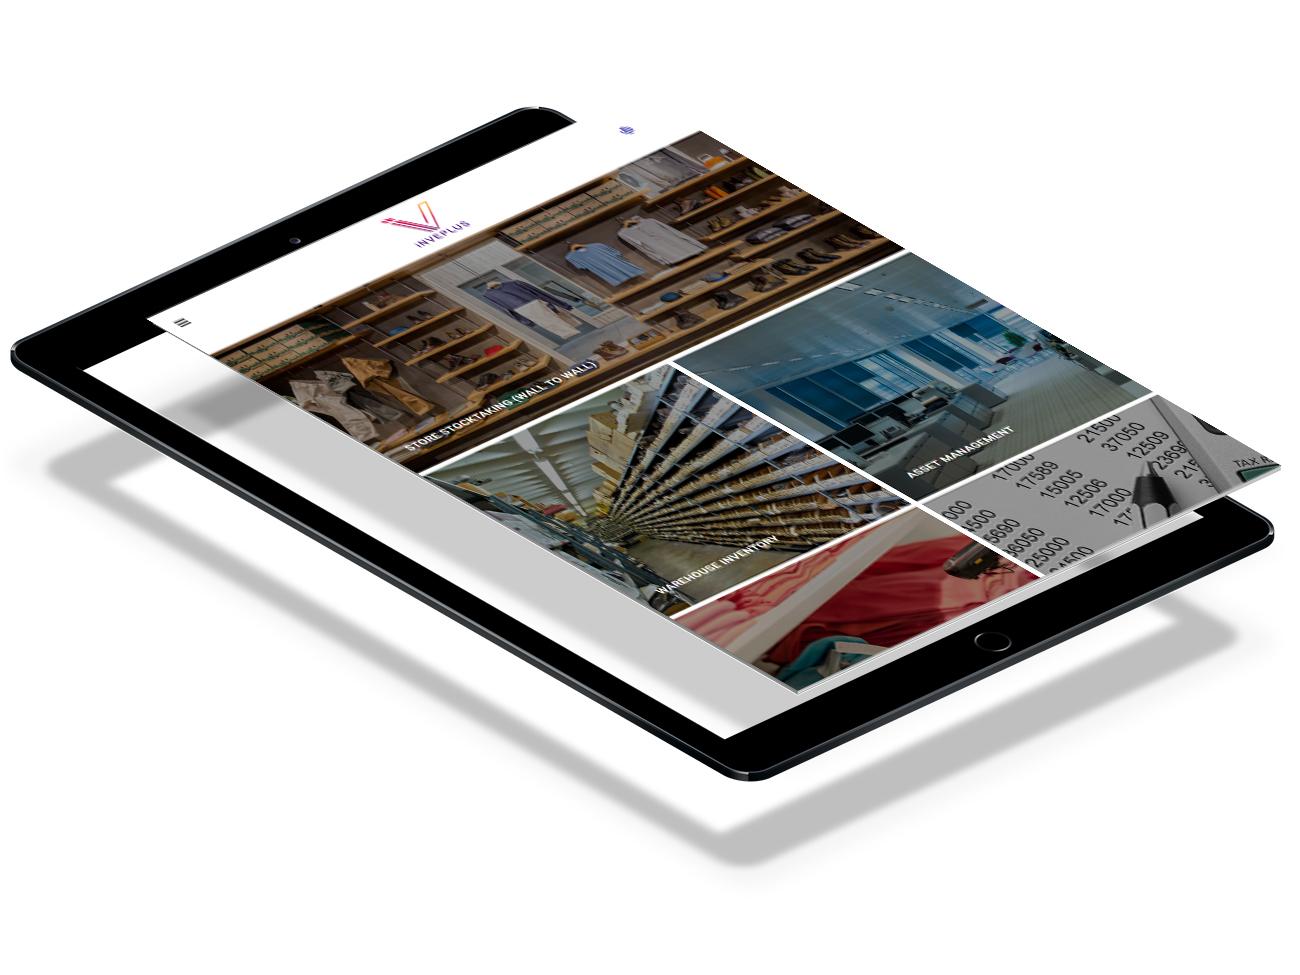 iPad-inveplus